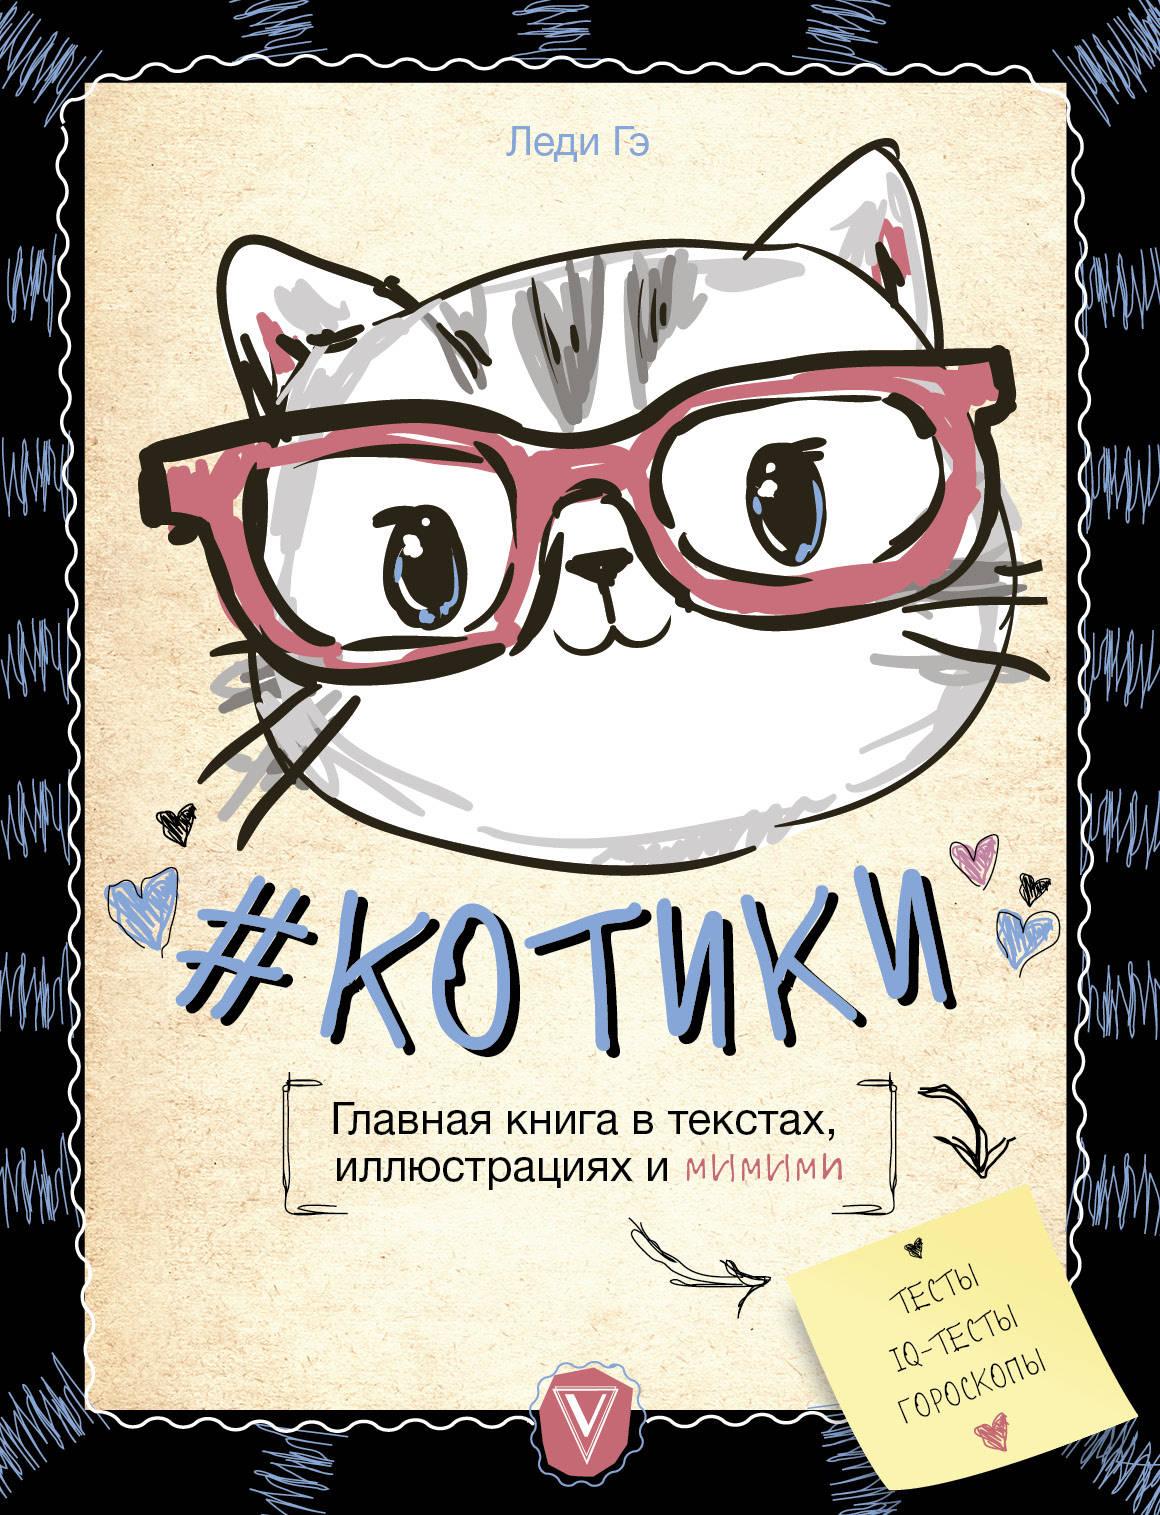 #КОТИКИ. Главная книга в текстах, иллюстрациях и мимими ( Леди Гэ  )